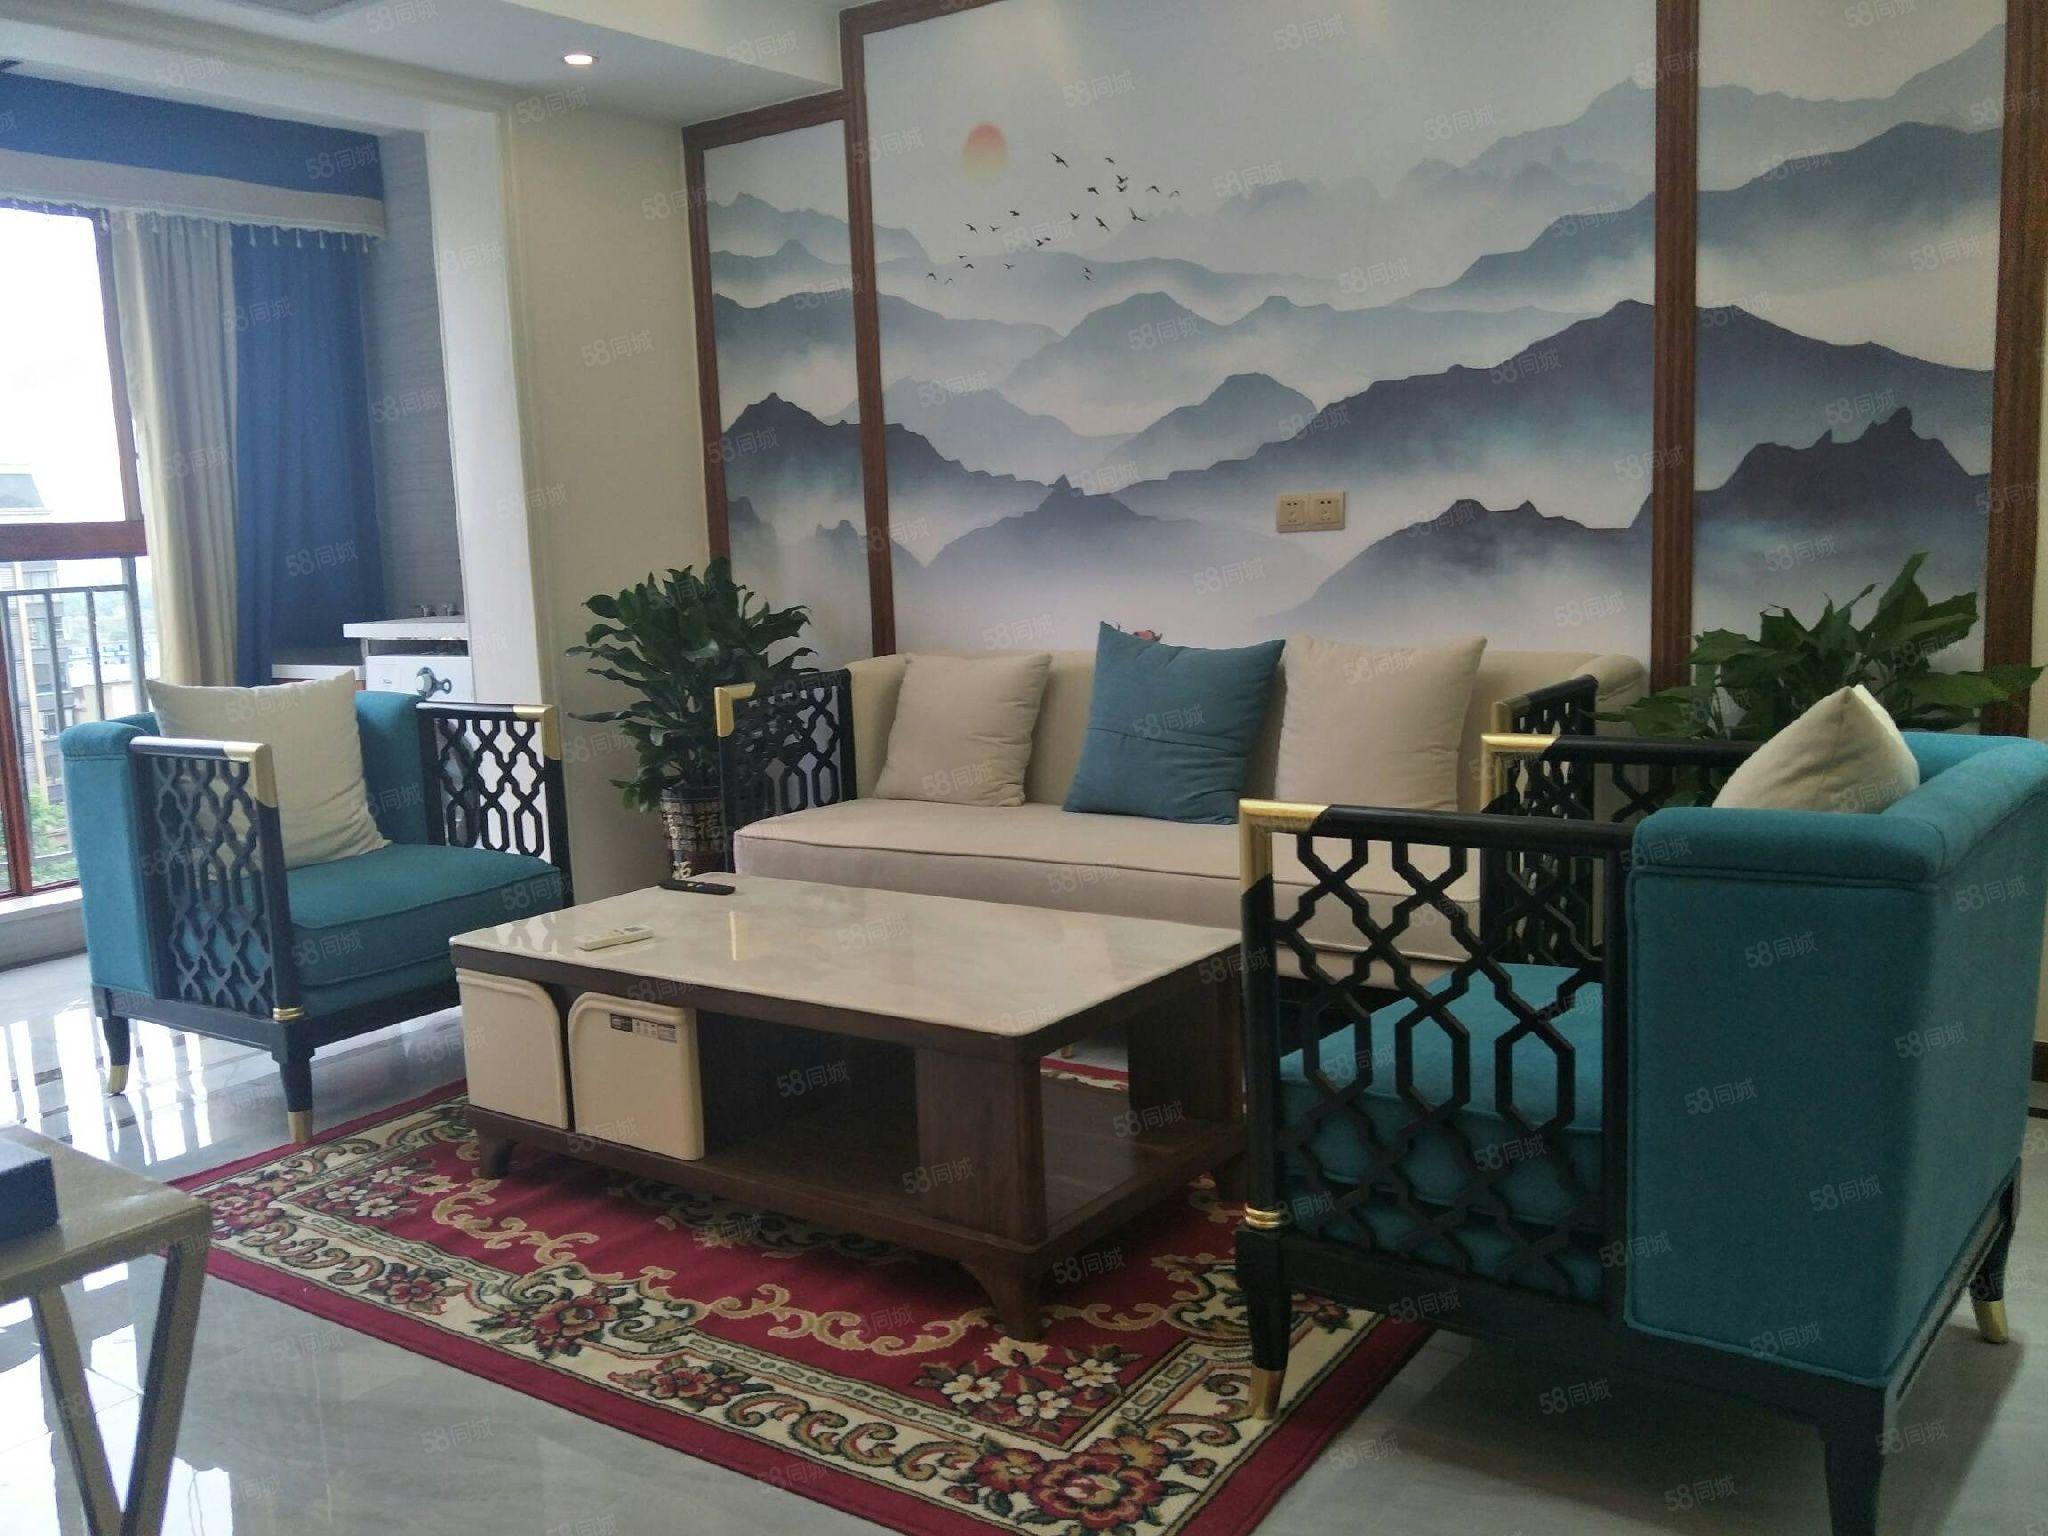 急售承平盛世一期精裝房,4室兩廳帶書房,品質小區,支持按揭!